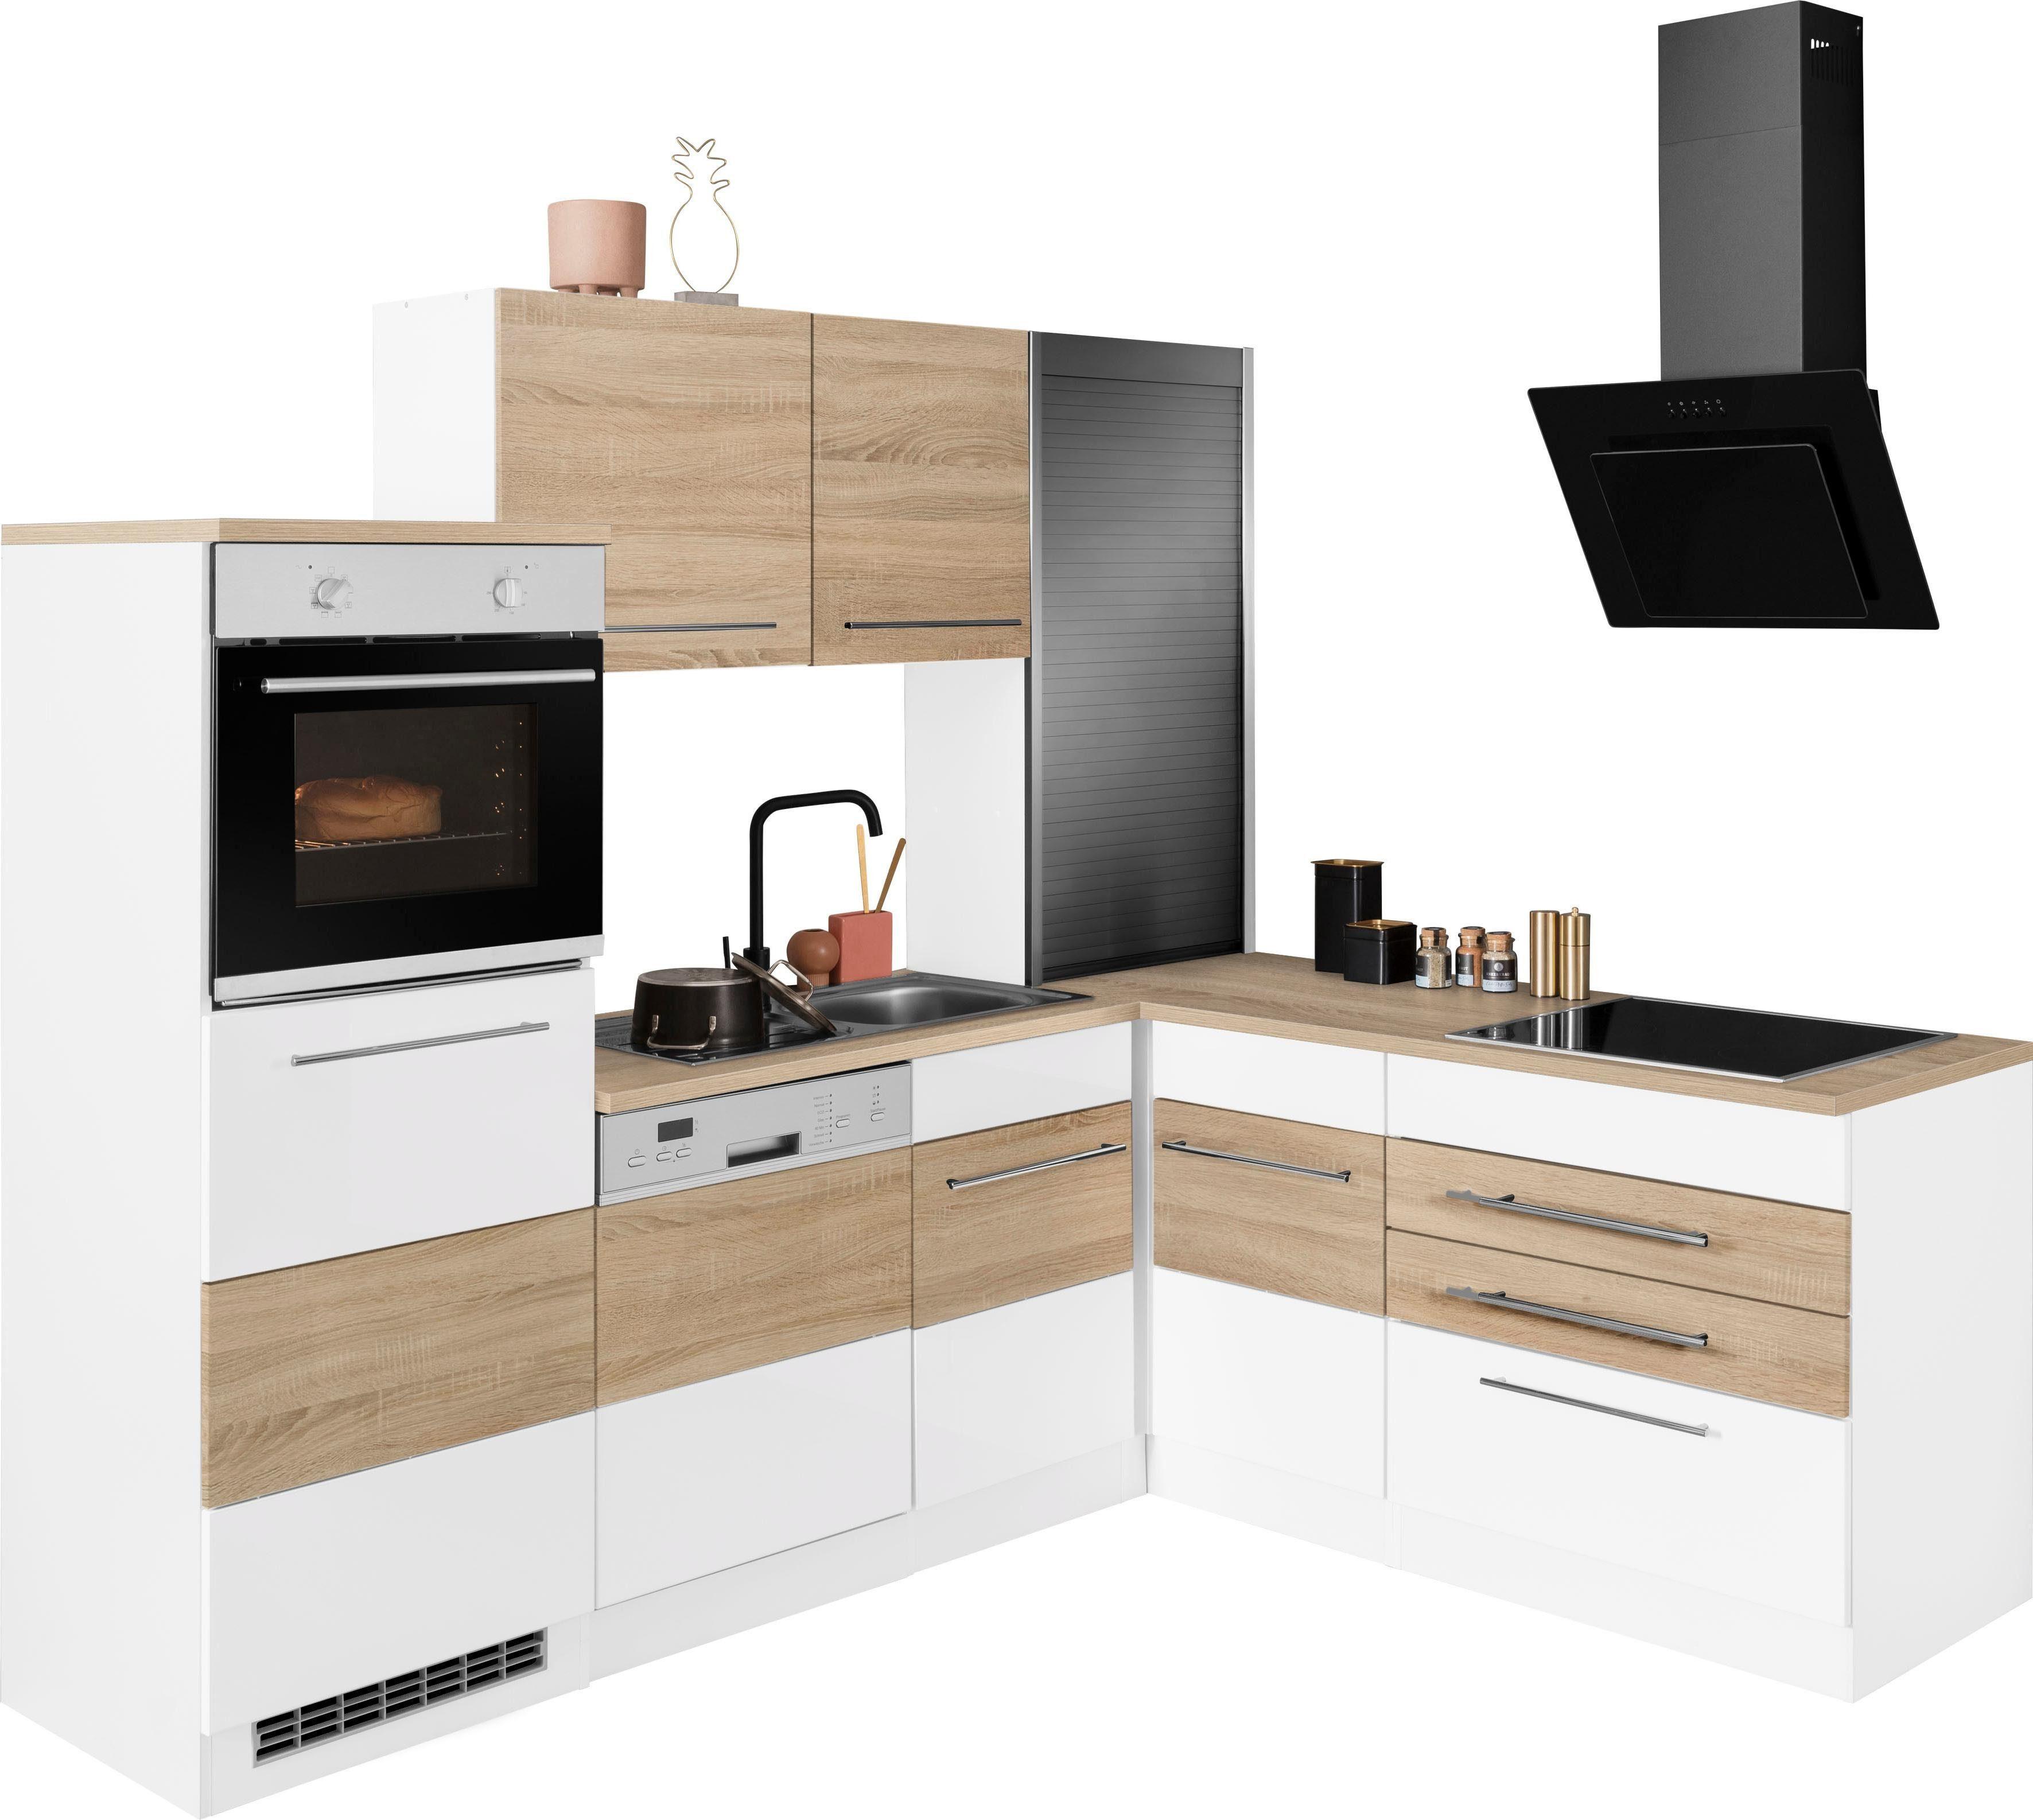 HELD MÖBEL Winkelküche Trient mit E-Geräten Stellbreite 230/190 cm